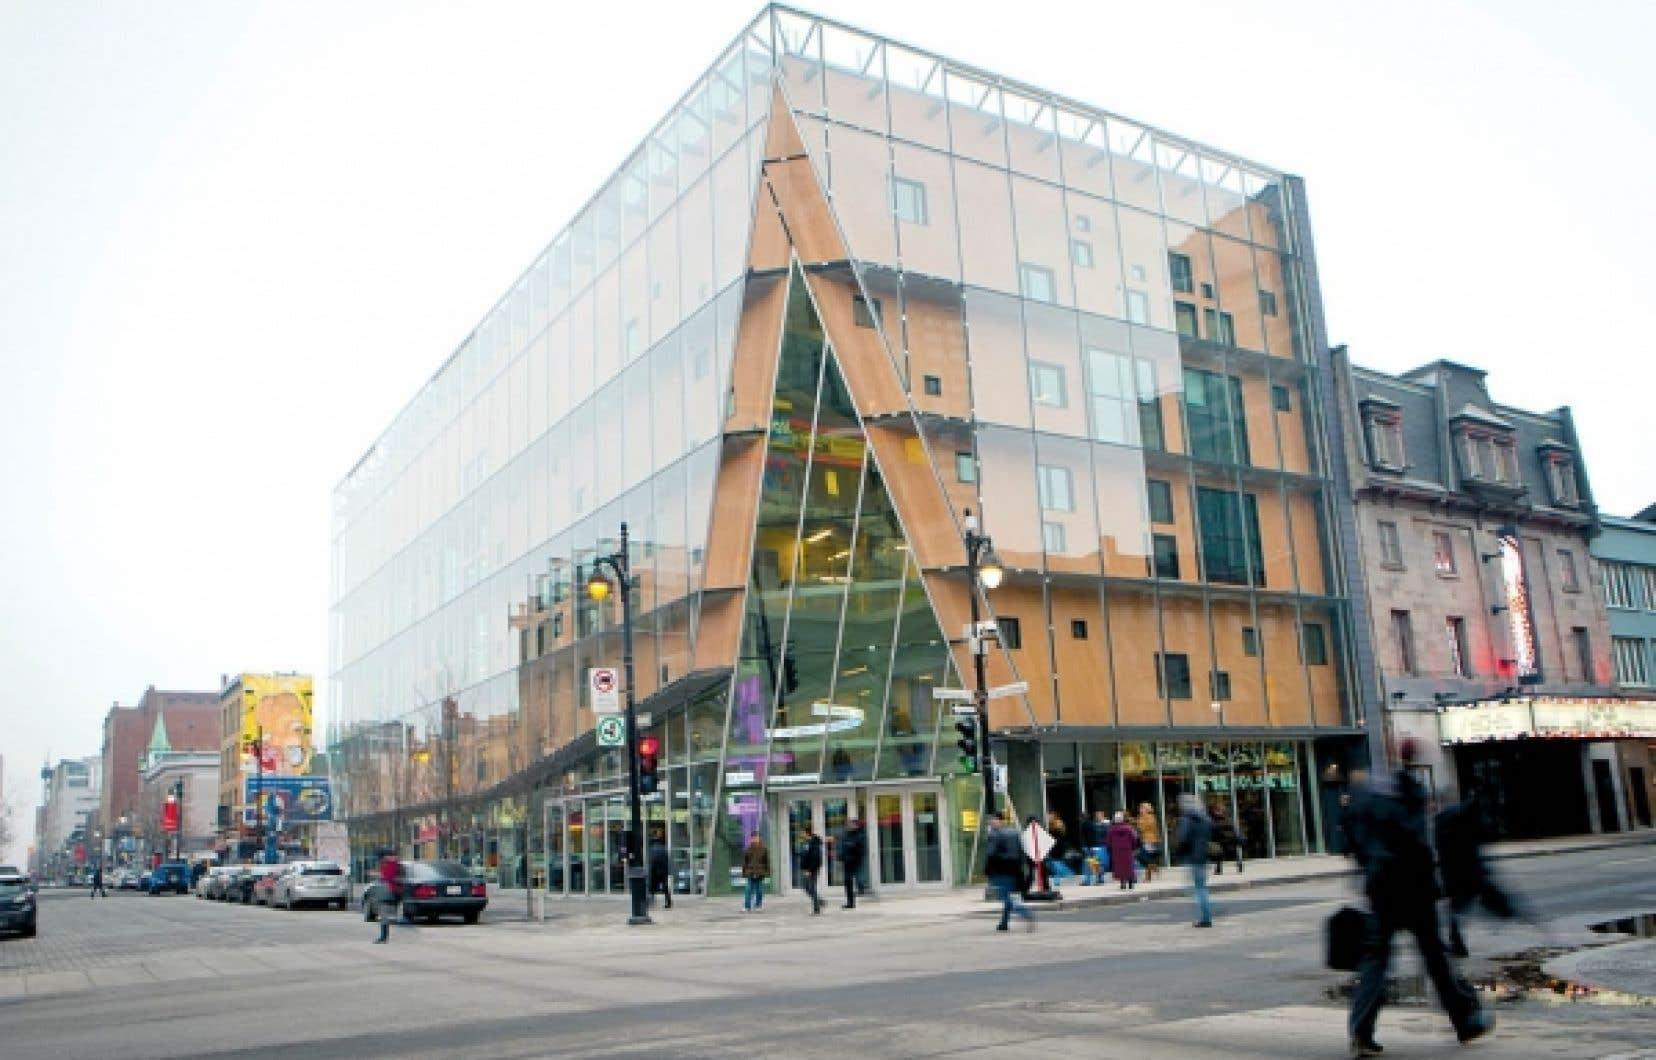 Art actuel 2-22, dont les façades à parois vitrées s'élèvent à l'angle du boulevard Saint-Laurent et de la rue Sainte-Catherine, accueillera la toute première œuvre d'art performatif publique, réalisée à l'issue d'un concours lancé hier.